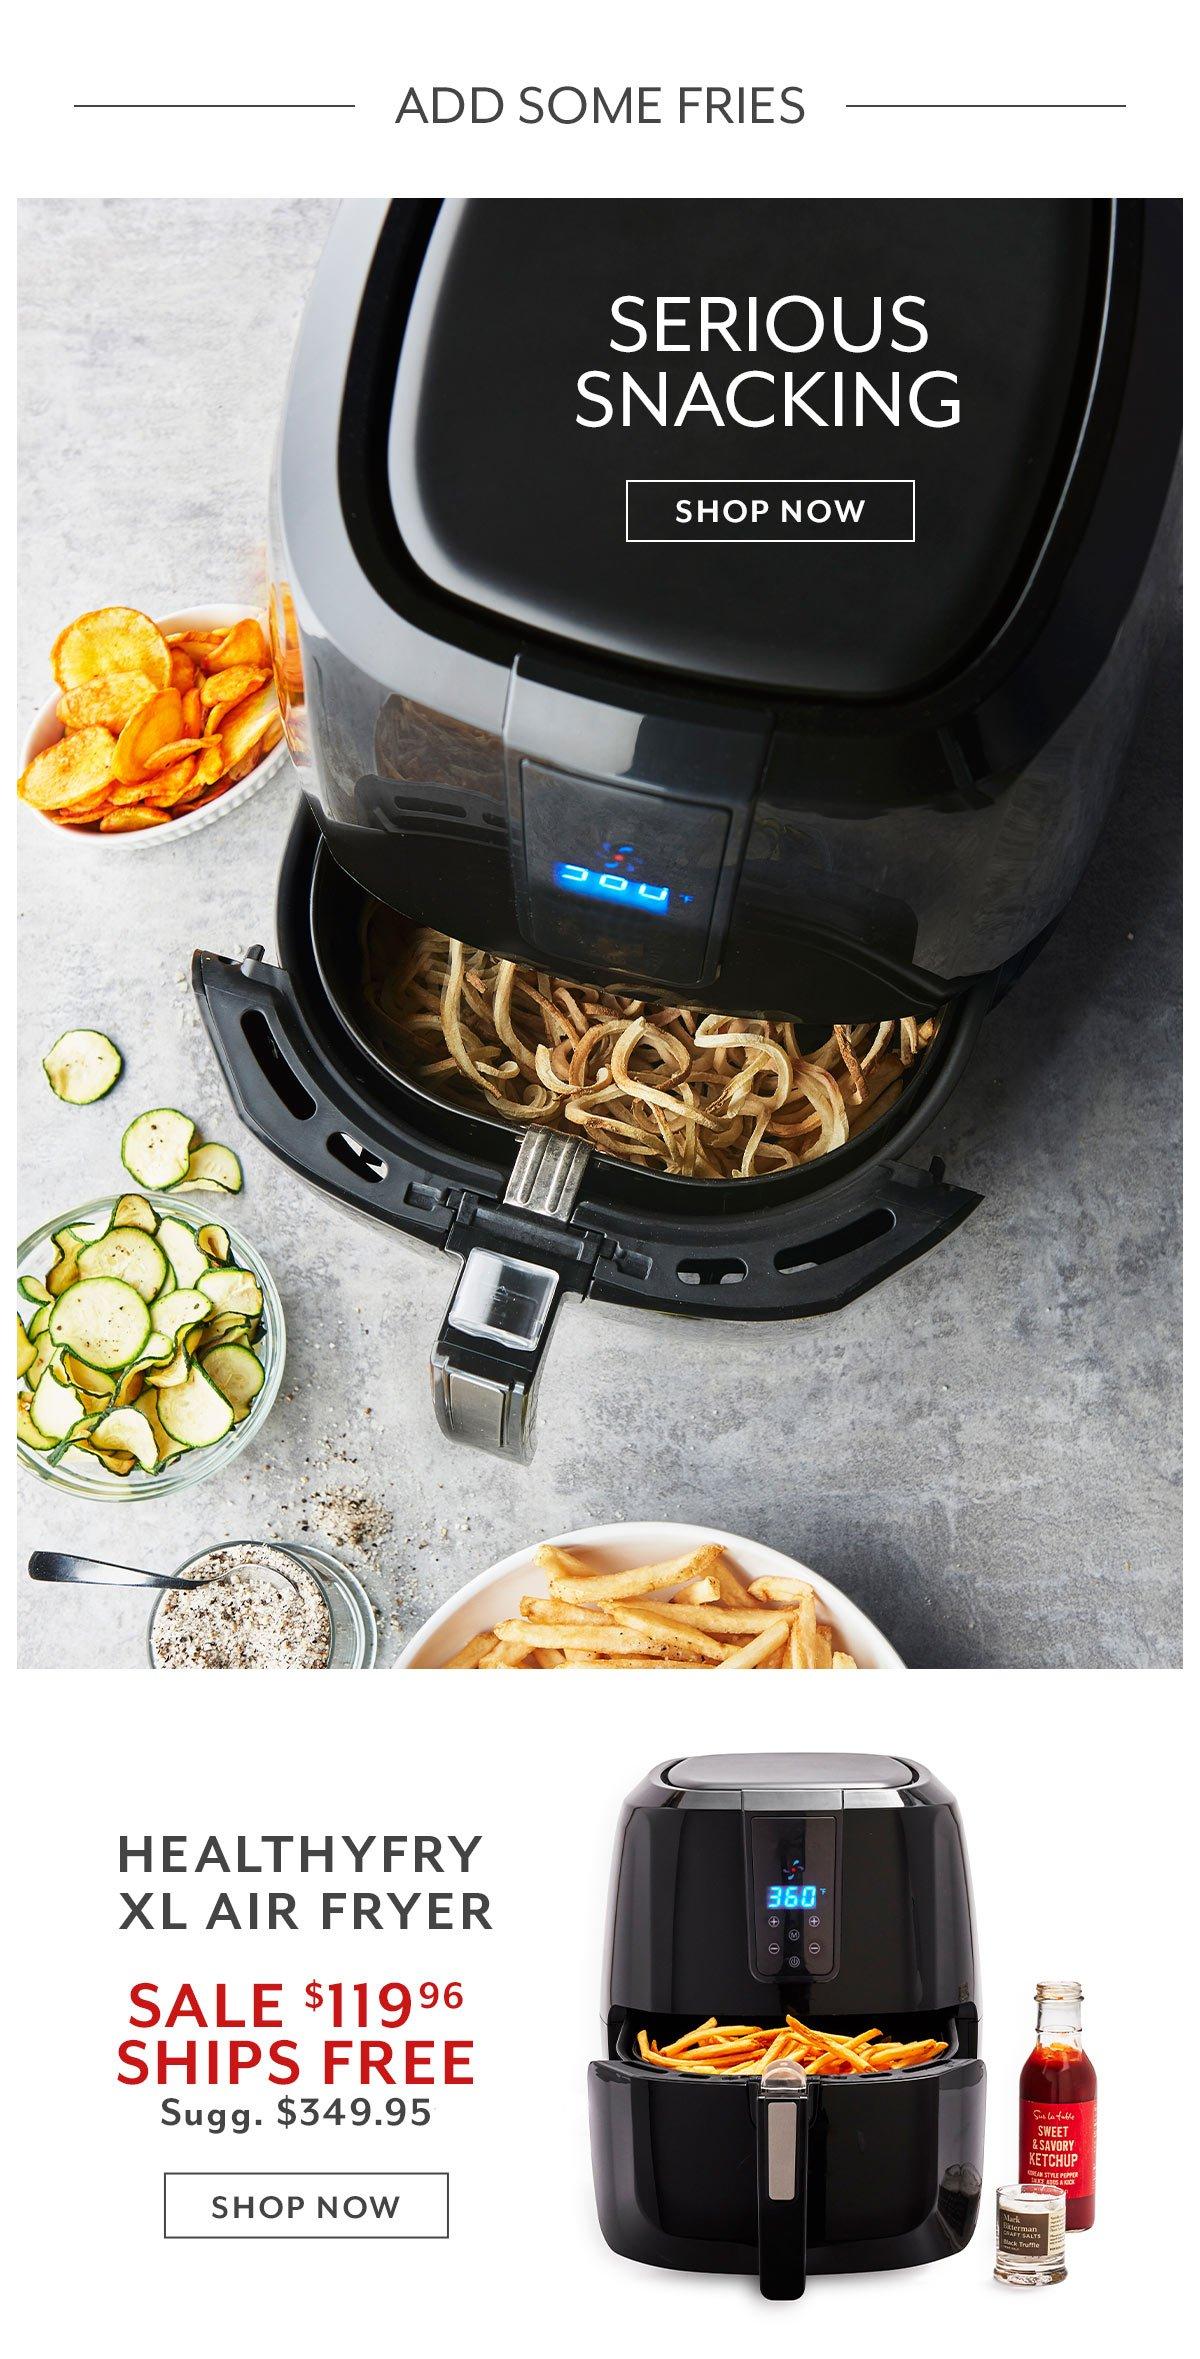 HealthyFry XL Air Fryer